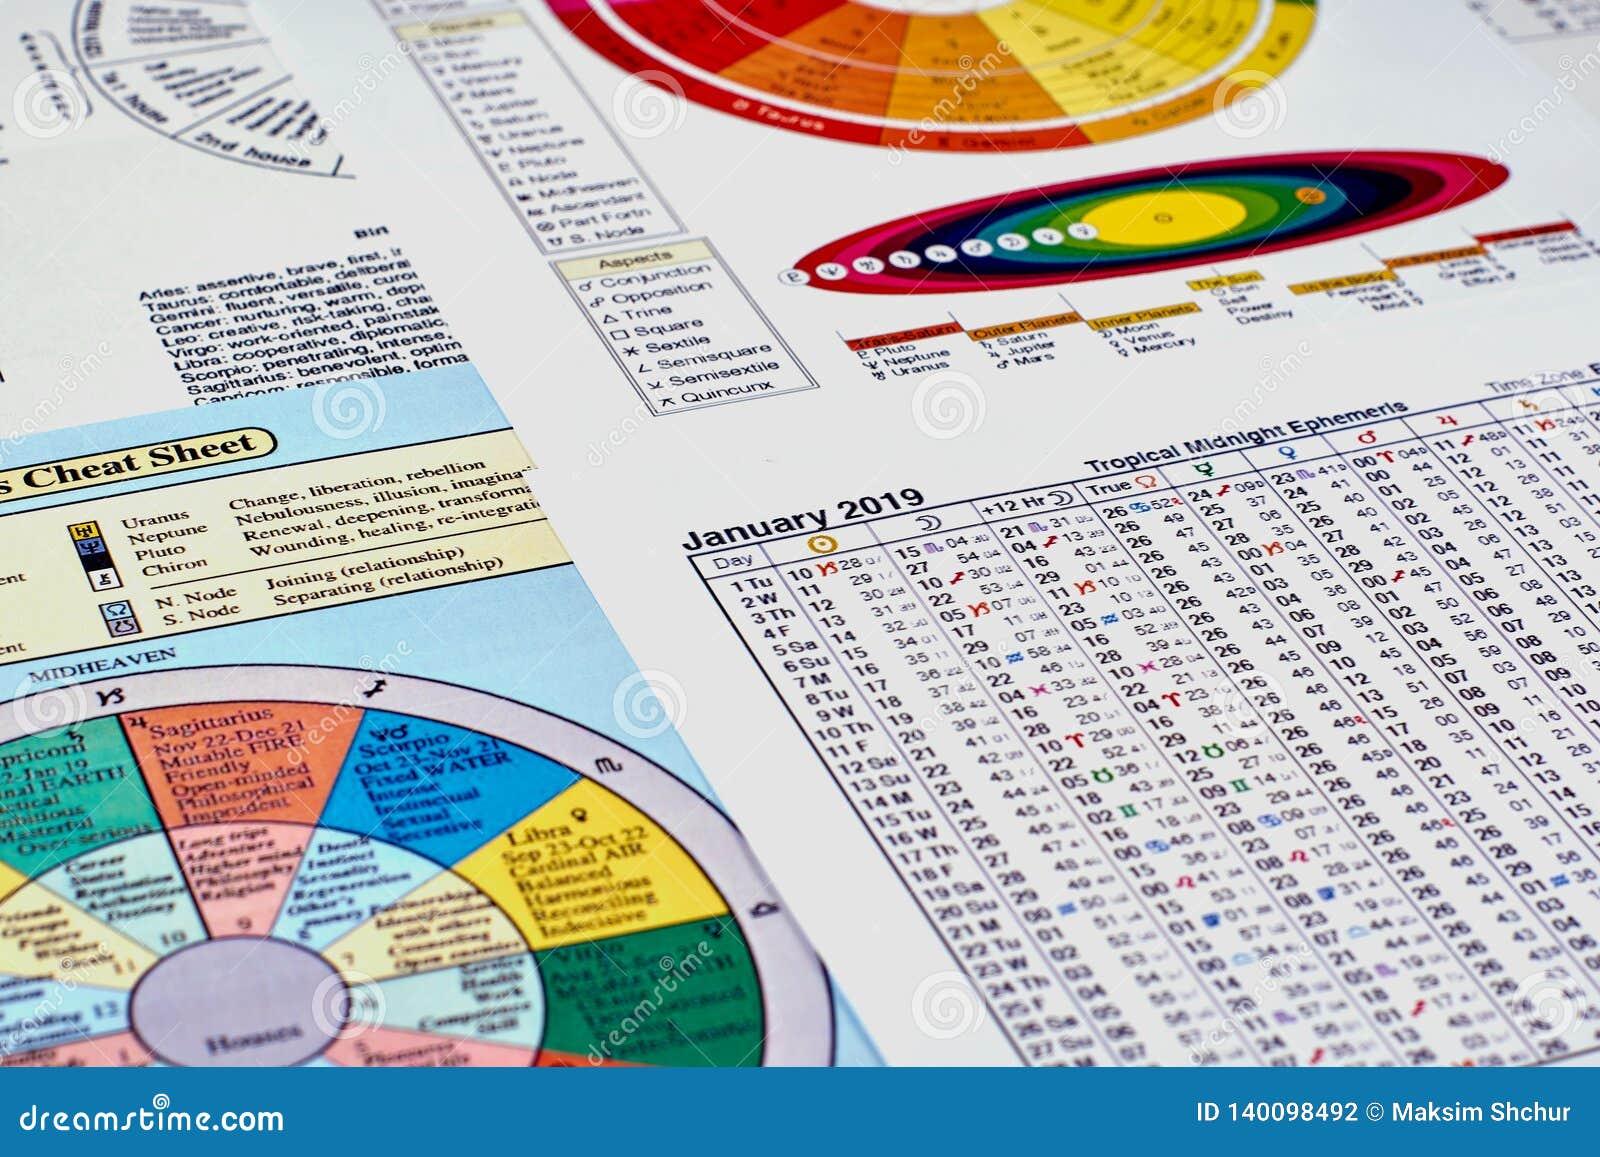 Horoscope data sheet stock photo  Image of esoteric - 140098492